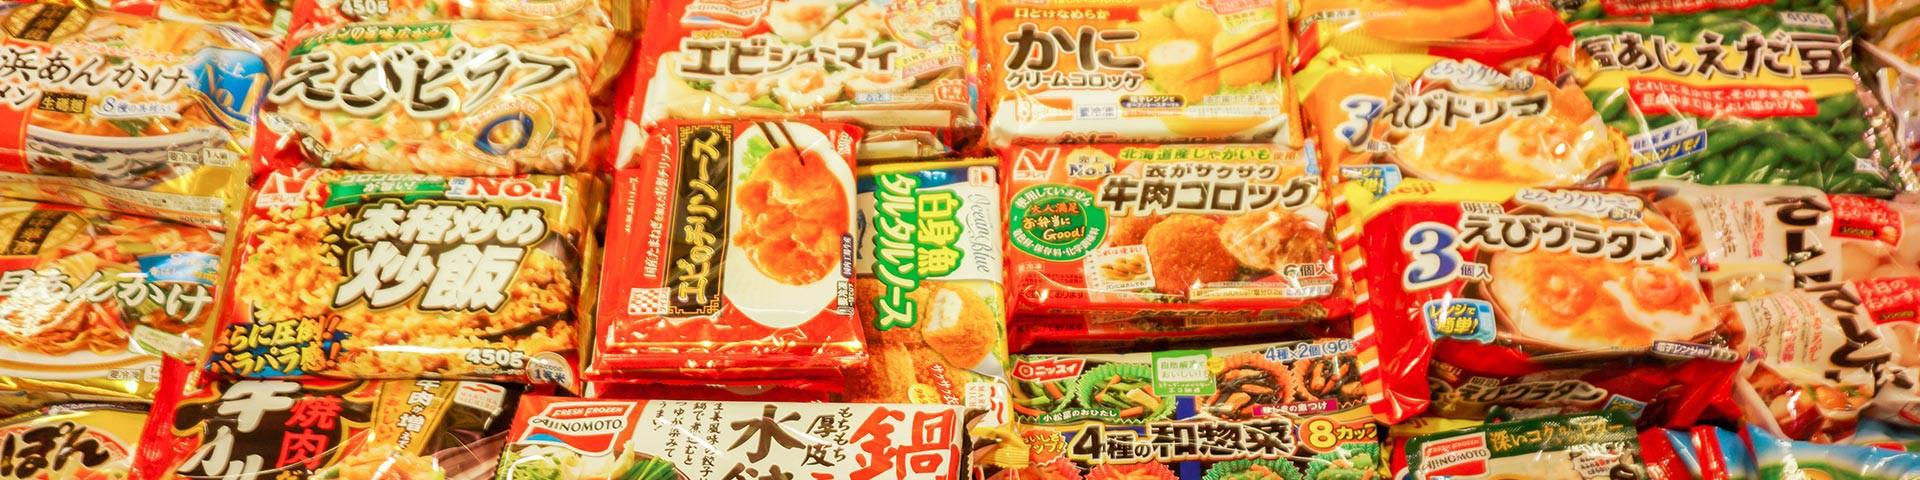 Produits surgelés japonais et produits d'alimentation réfrigérés